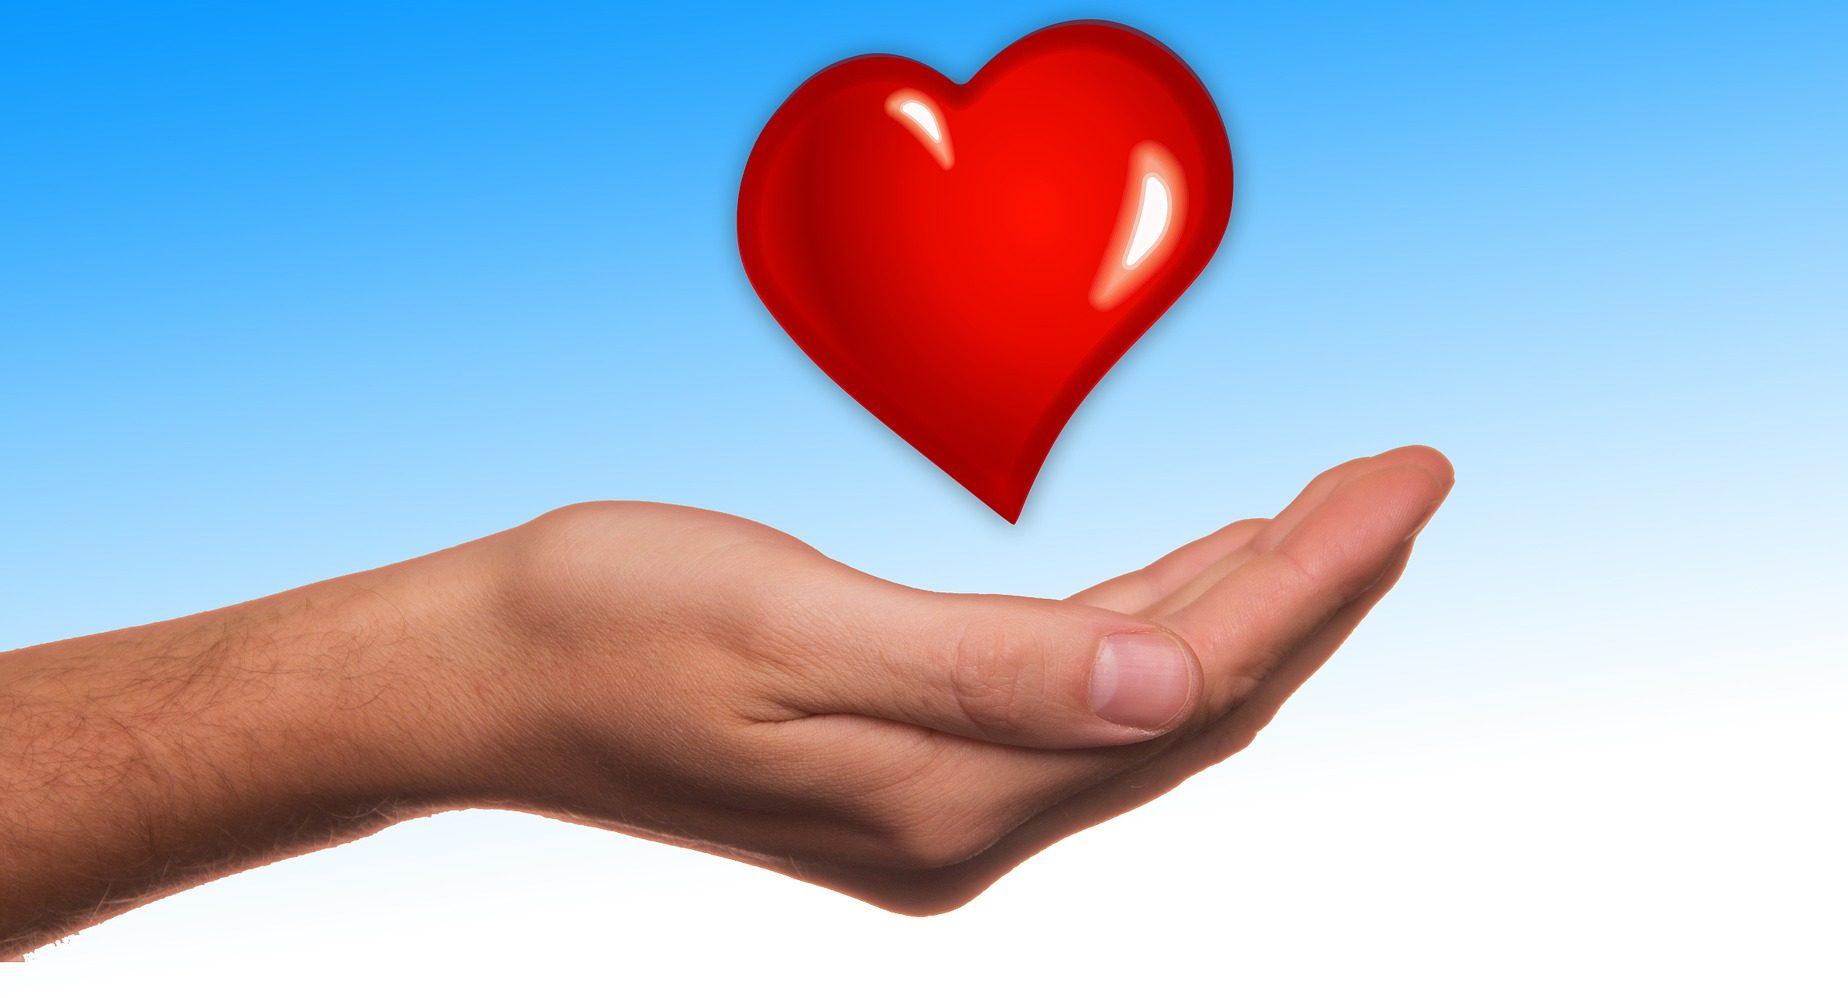 Willkommen auf Herz und Hand Wersten